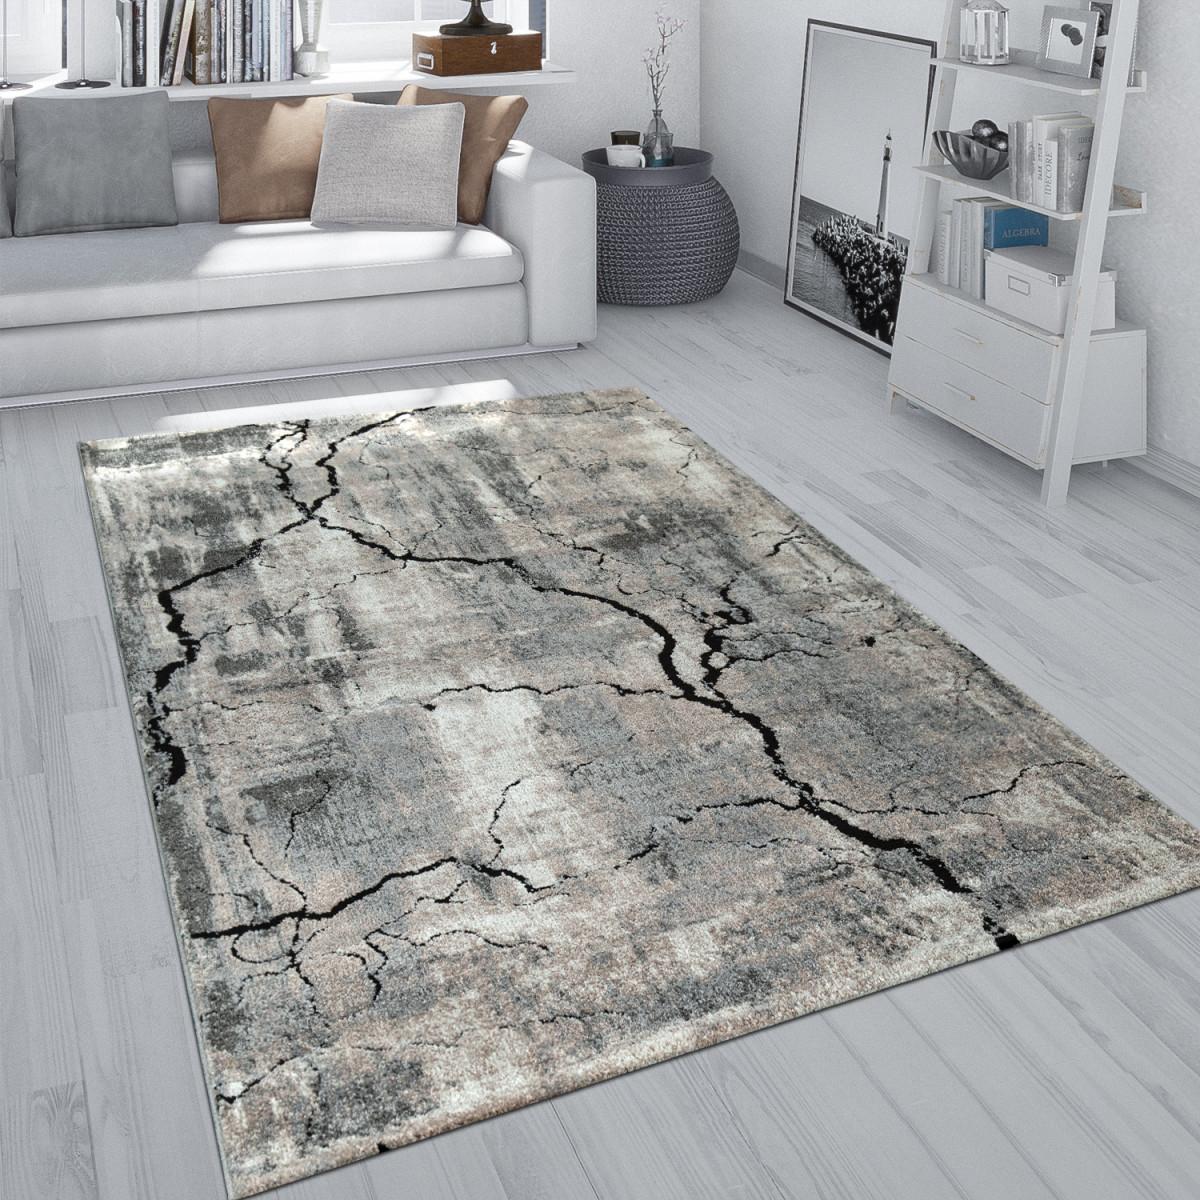 Kurzflor Teppich Wohnzimmer Used Look Beton 3D von Teppich Vorleger Wohnzimmer Bild